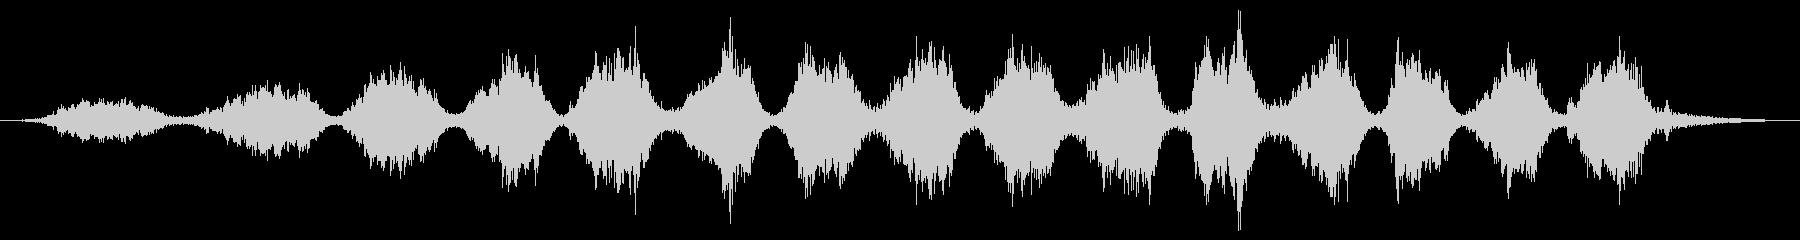 2人のクロスカットのこぎり:のこぎ...の未再生の波形